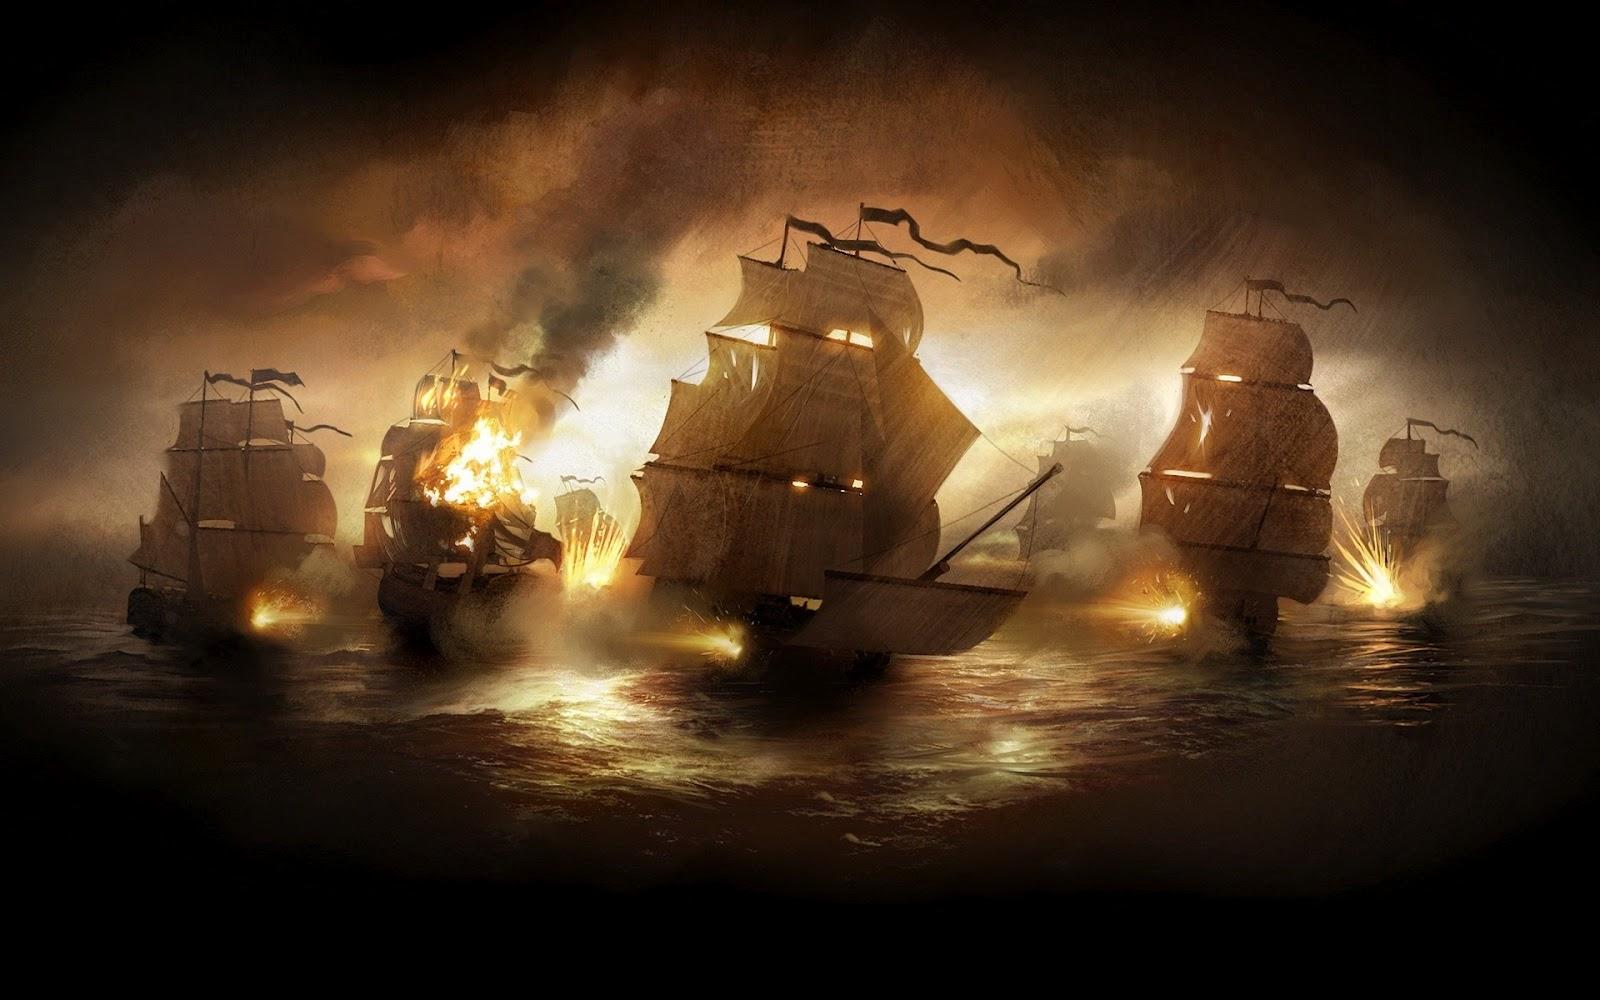 http://1.bp.blogspot.com/-nqr9Yg4ZN4M/T9wfs62DbLI/AAAAAAAADWA/FzKG4pmXJDc/s1600/Empire+Total+War+HD+Wallpapers+%252811%2529.jpg